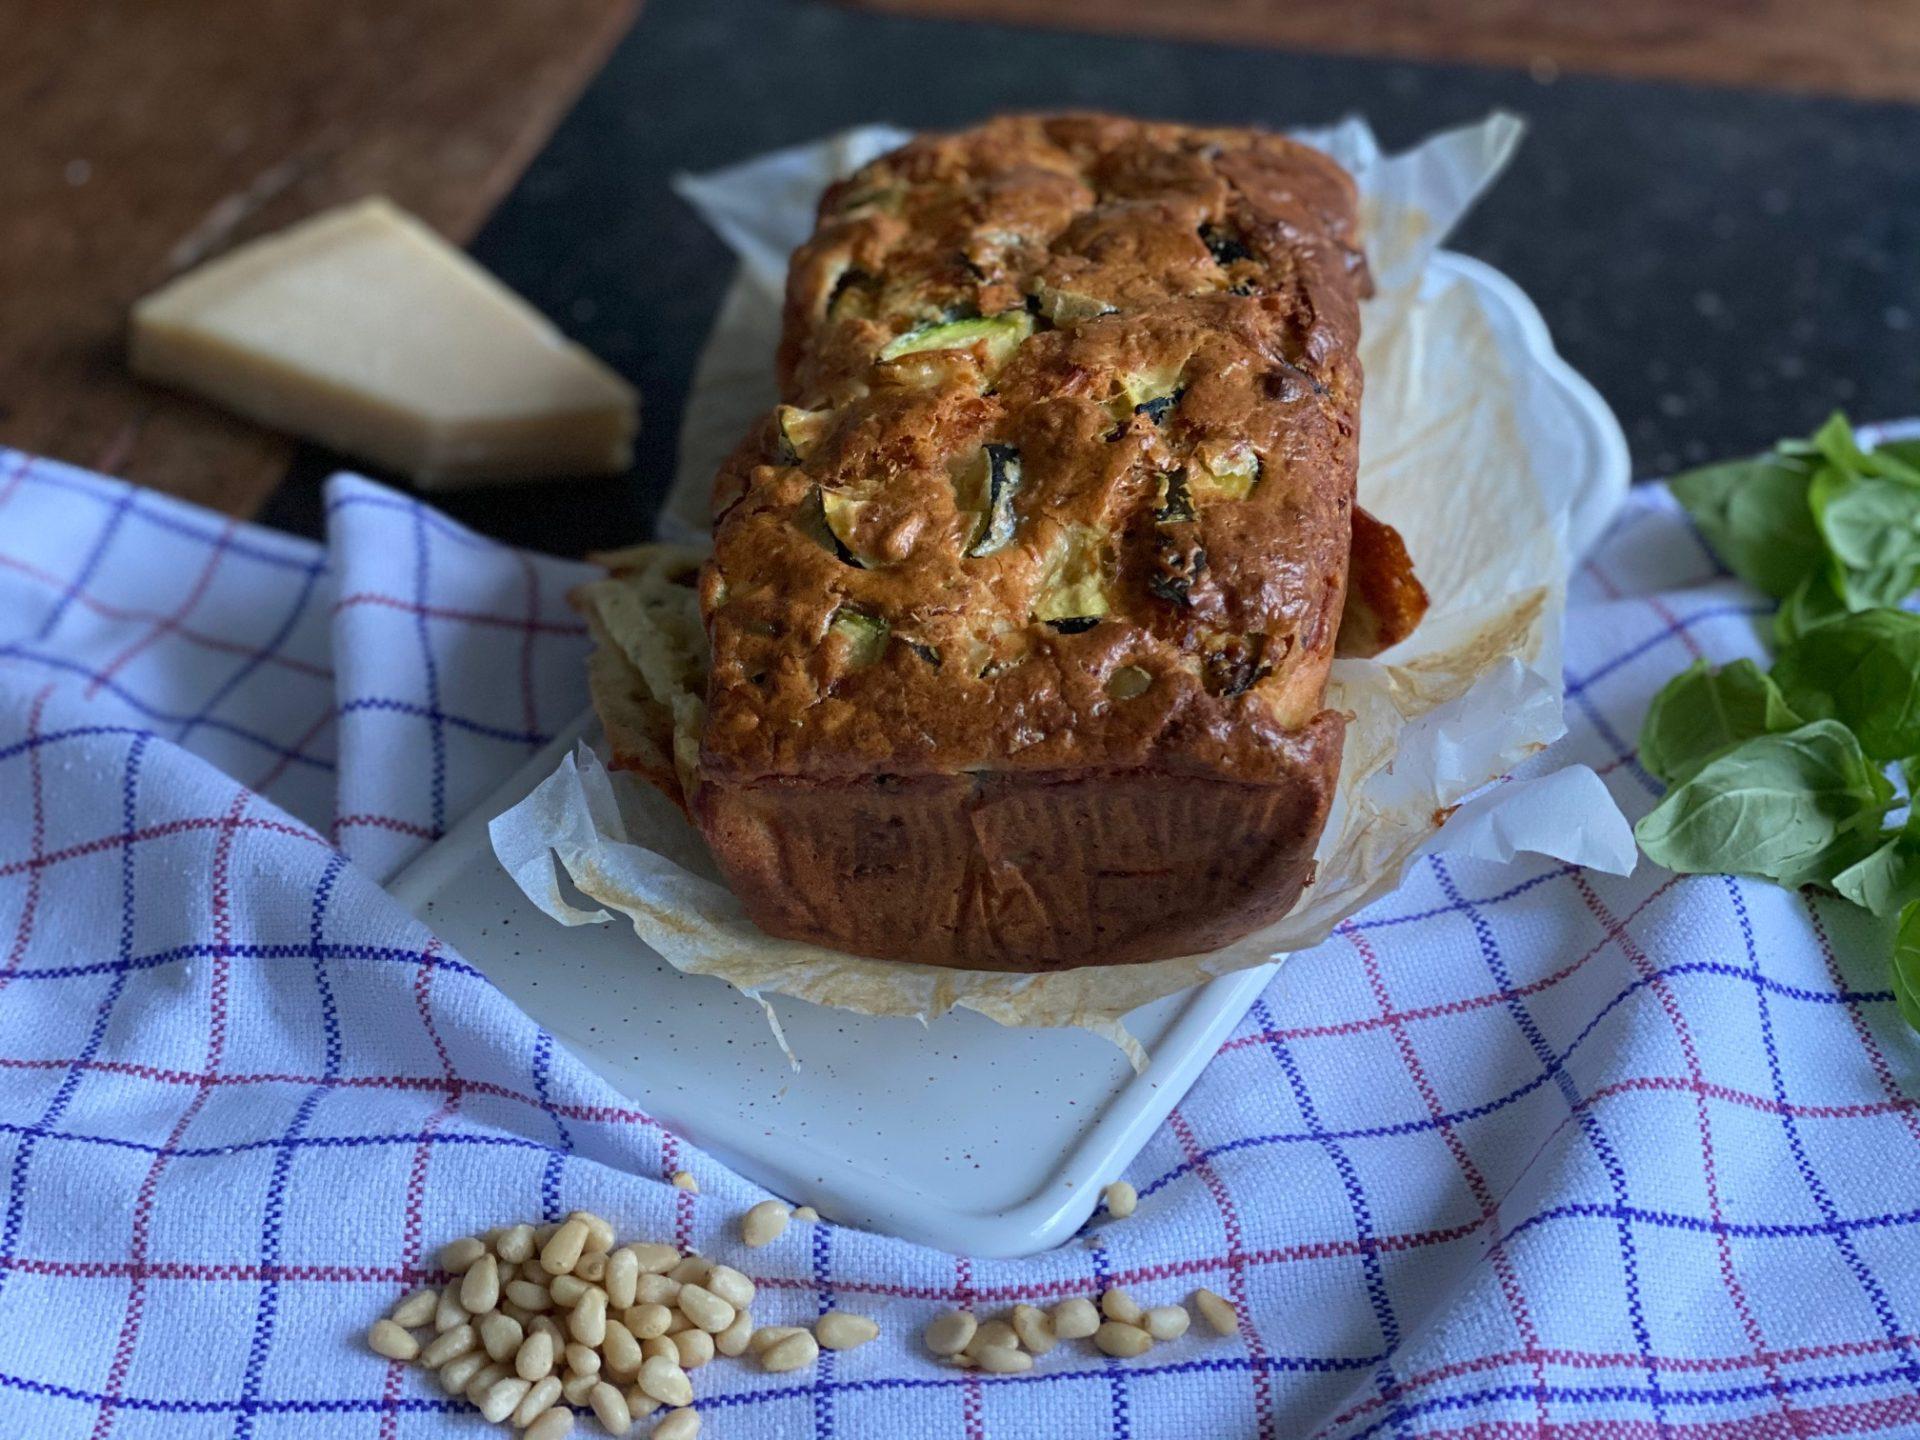 Italiaanse aperitief cake met courgette, Parmezaan en basilicum - Foodblog Foodinista